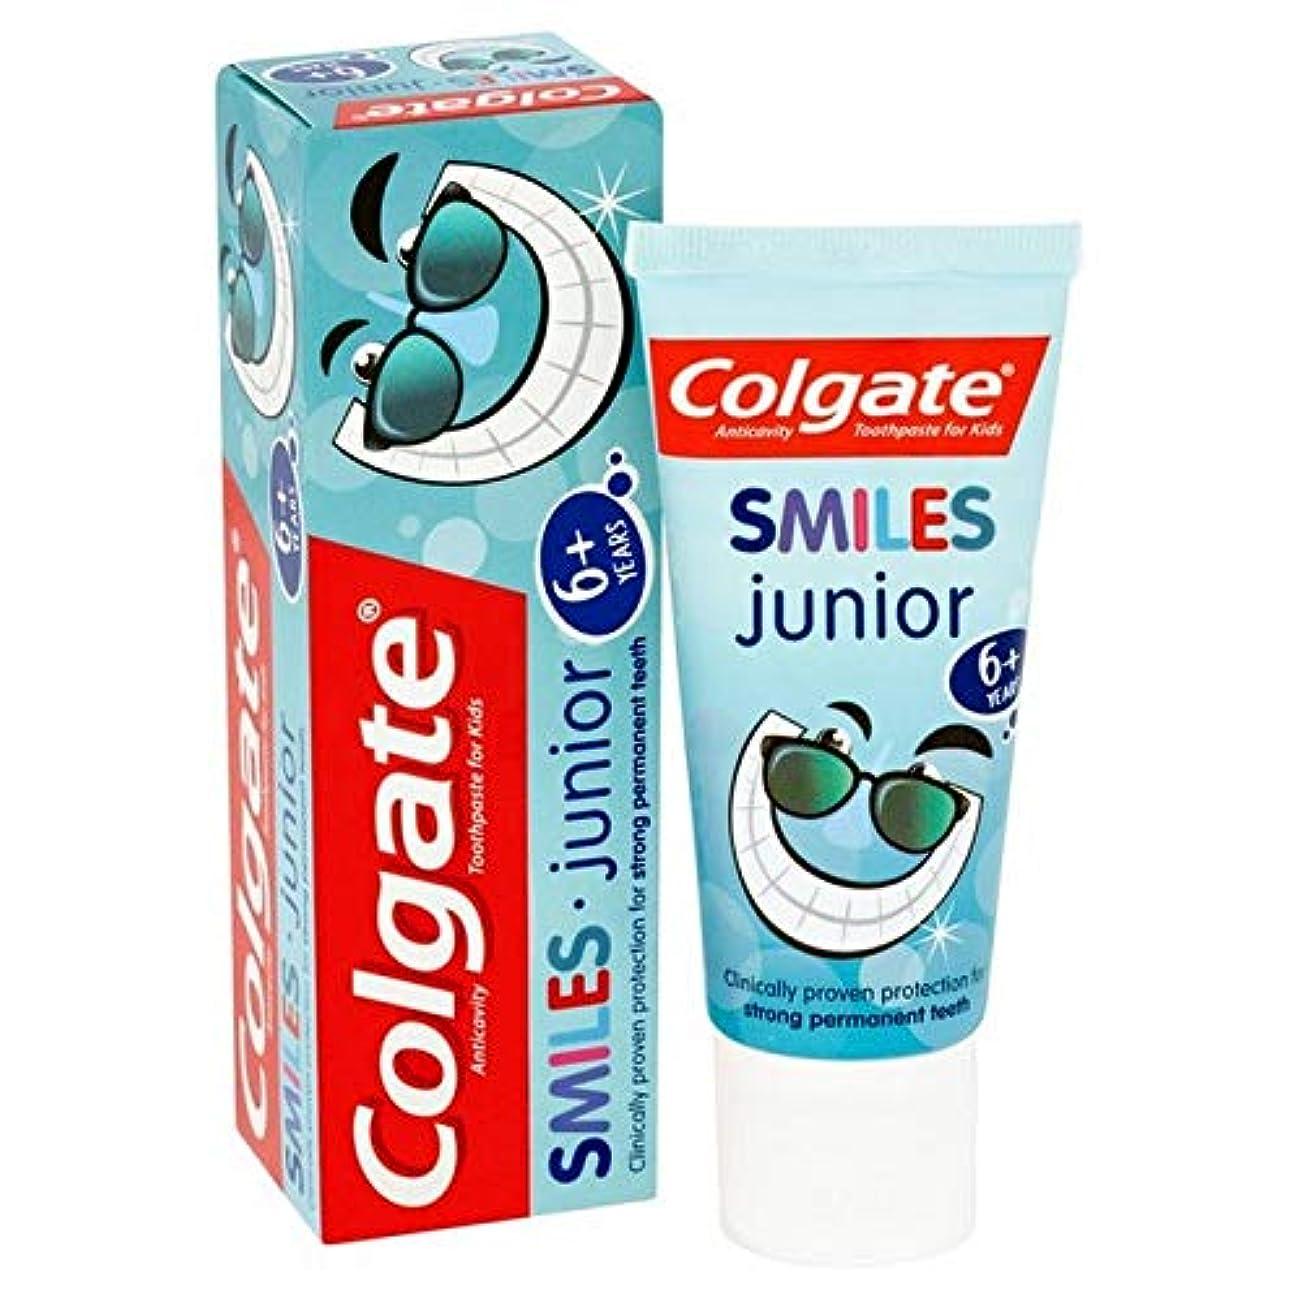 最愛の改修目に見える[Colgate ] コルゲートは、ジュニア6+年の歯磨き粉50ミリリットルを笑顔 - Colgate Smiles Junior 6+ years Toothpaste 50ml [並行輸入品]